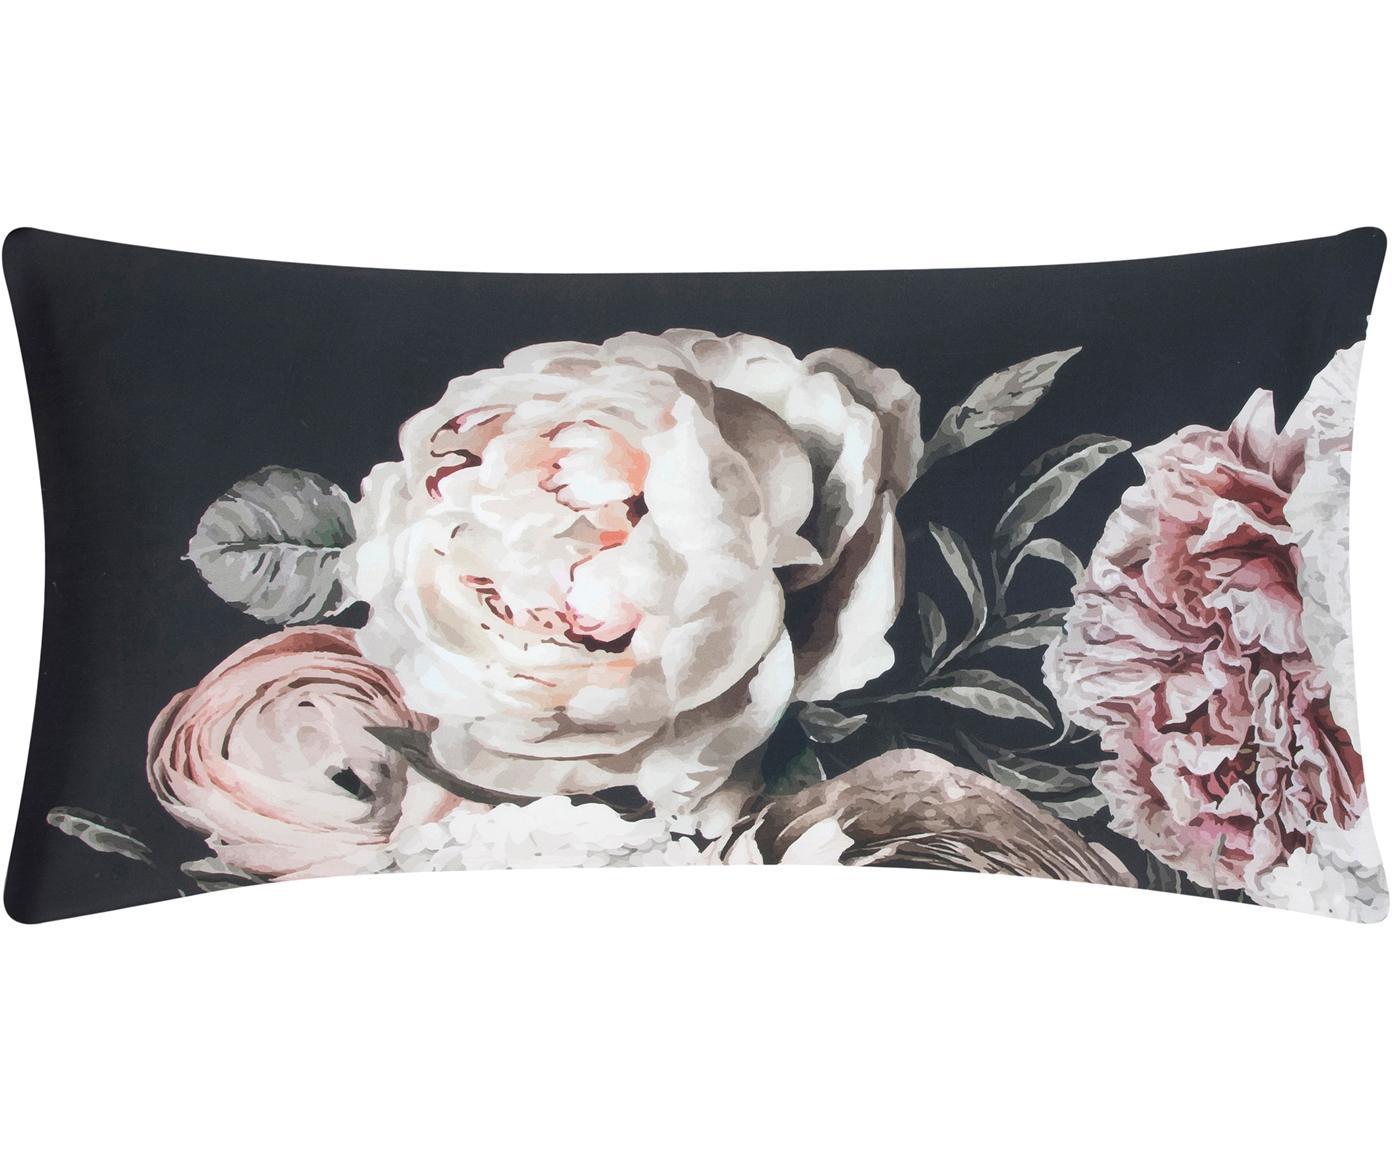 Baumwollsatin-Kissenbezüge Blossom mit Blumen-Print, 2 Stück, Webart: Satin Fadendichte 210 TC,, Mehrfarbig, Schwarz, 40 x 80 cm